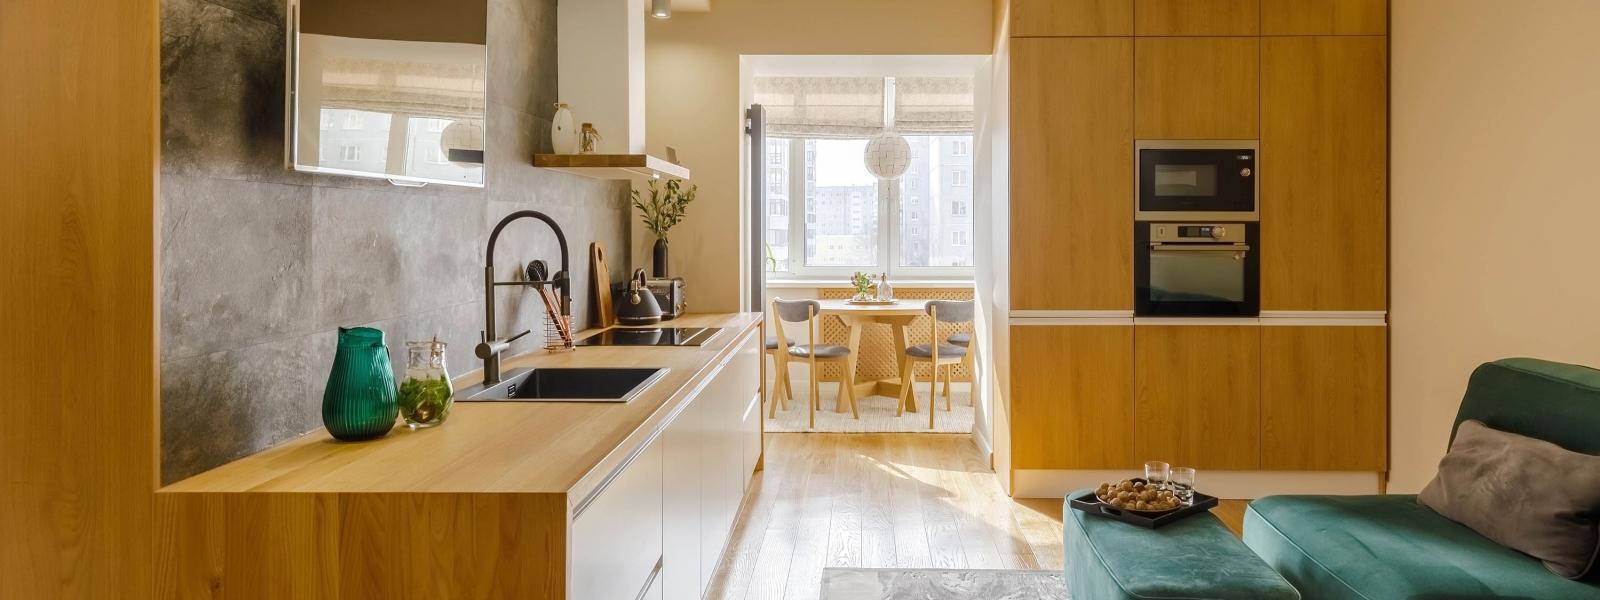 work-Проект интерьера квартиры «Саяны»